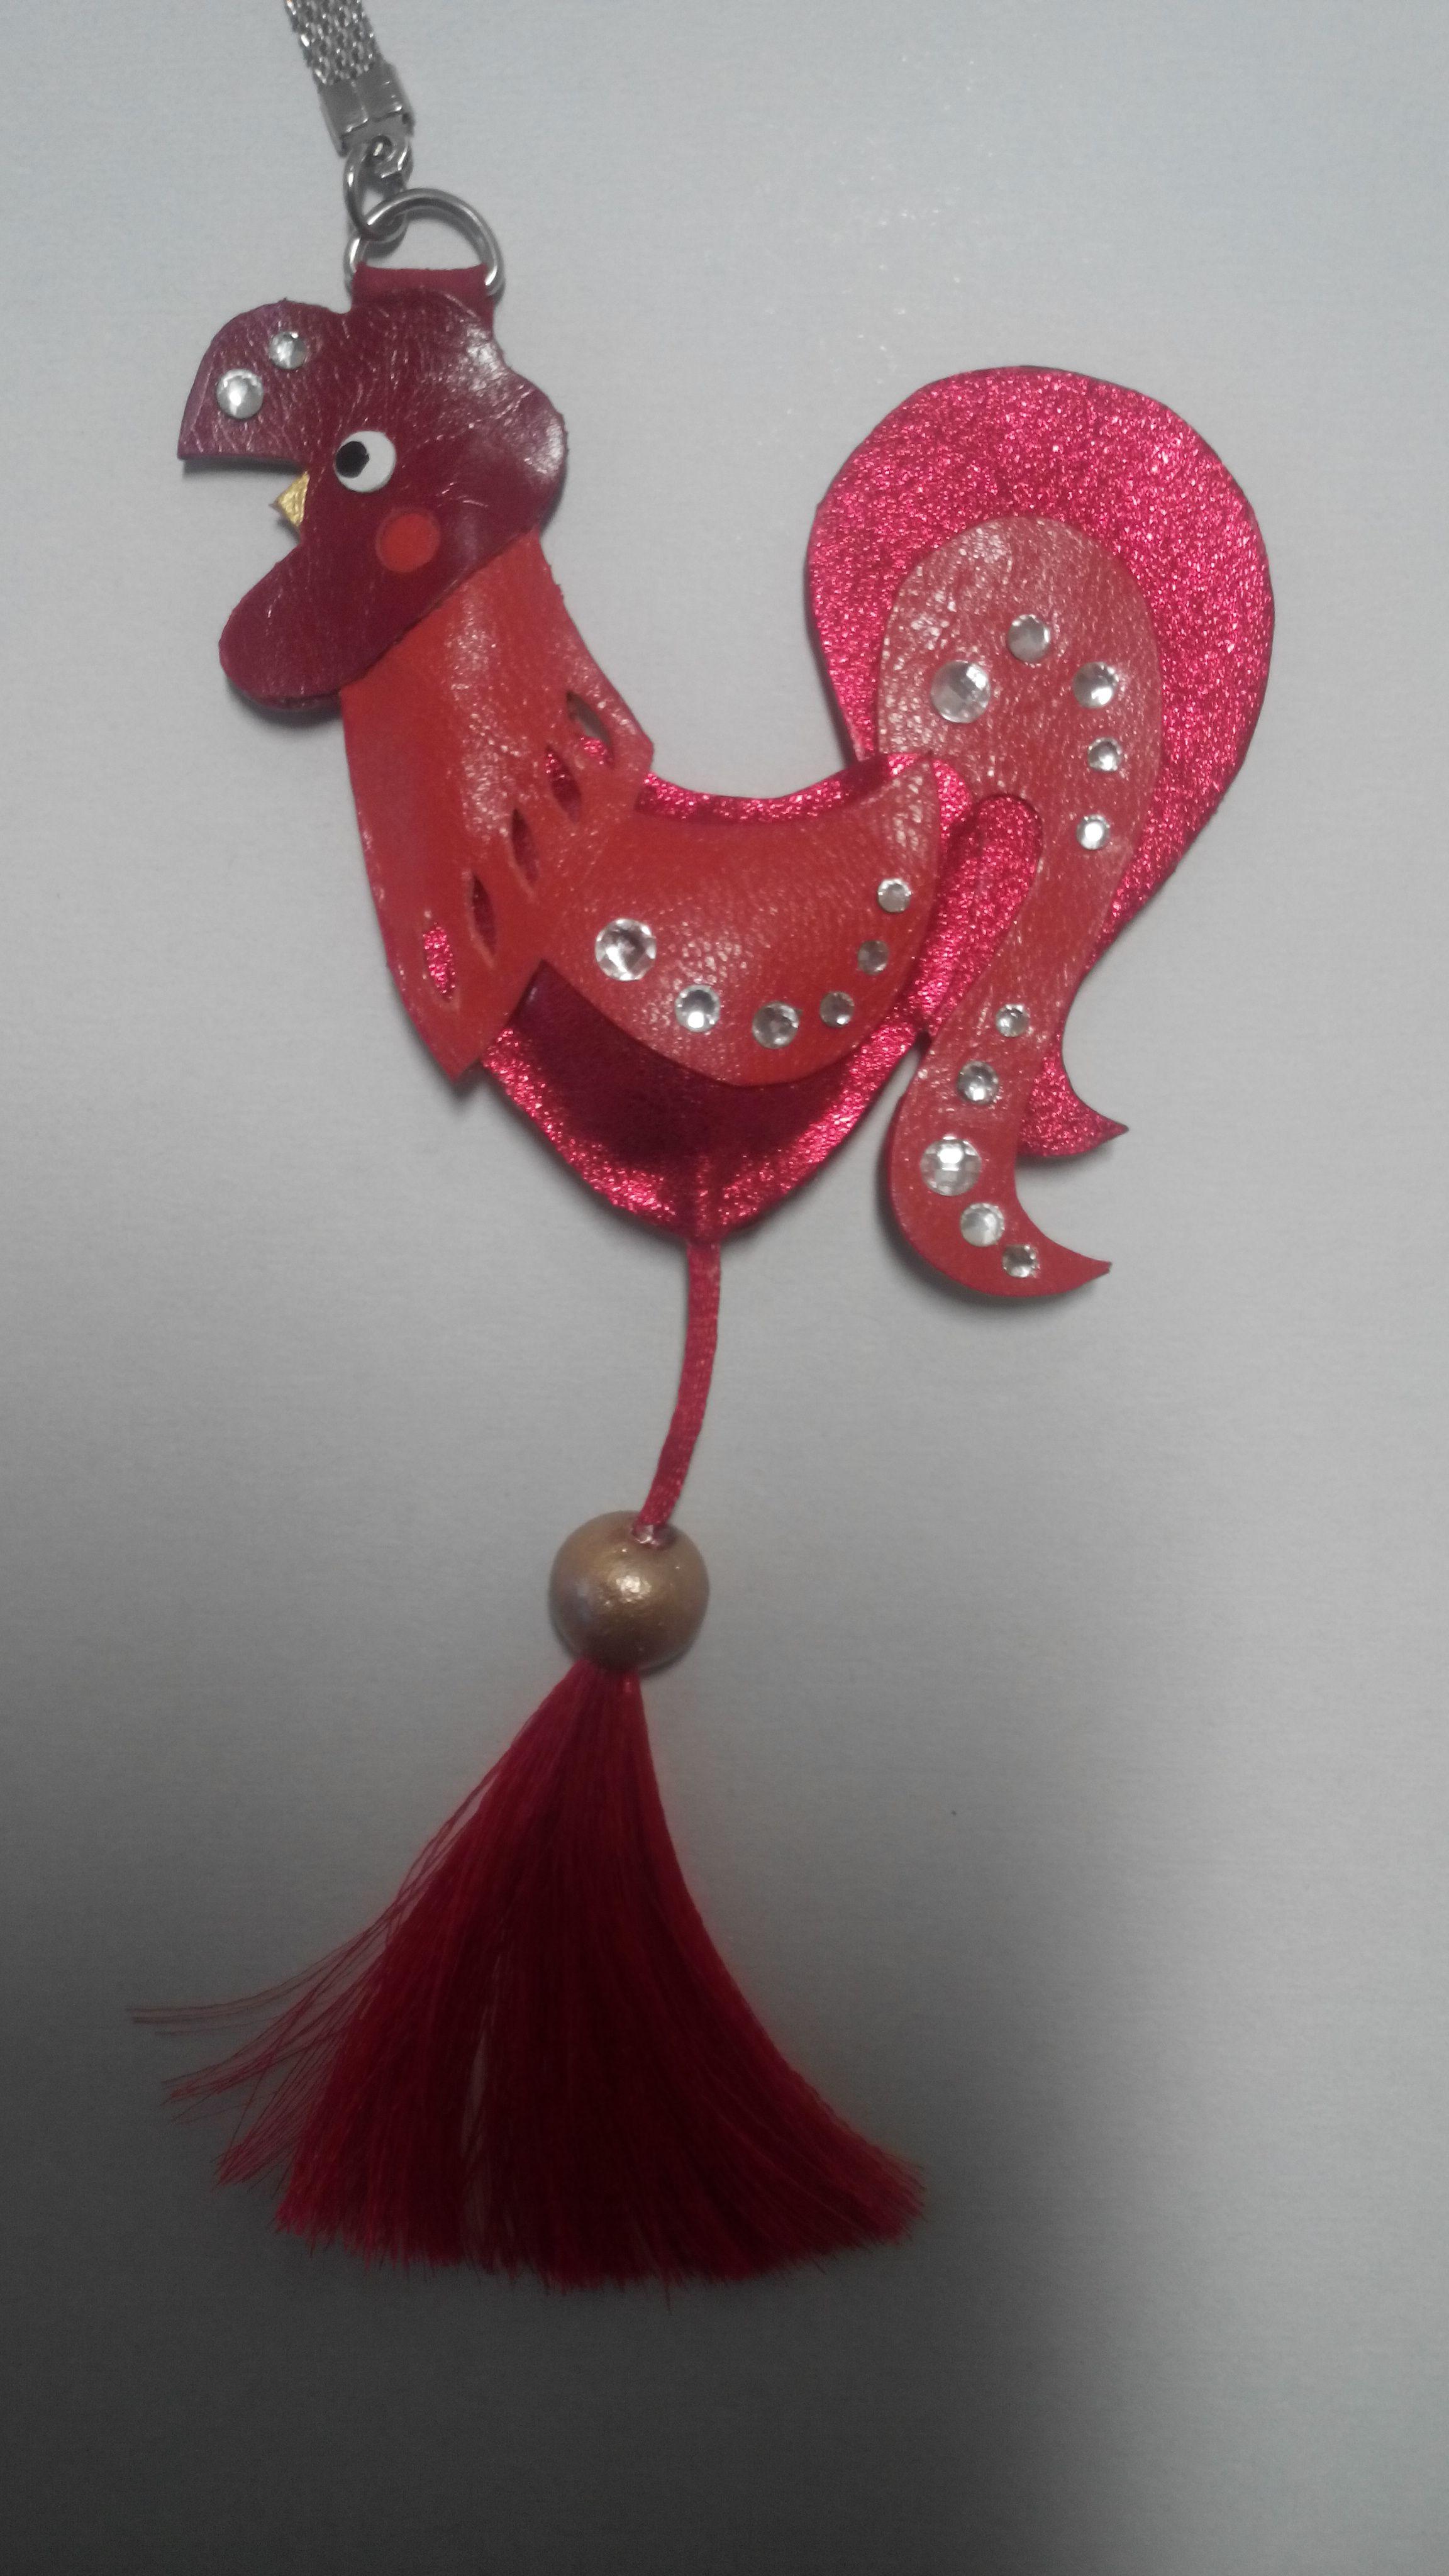 сувенир брелок петух ручная новый год работа подарок кожа